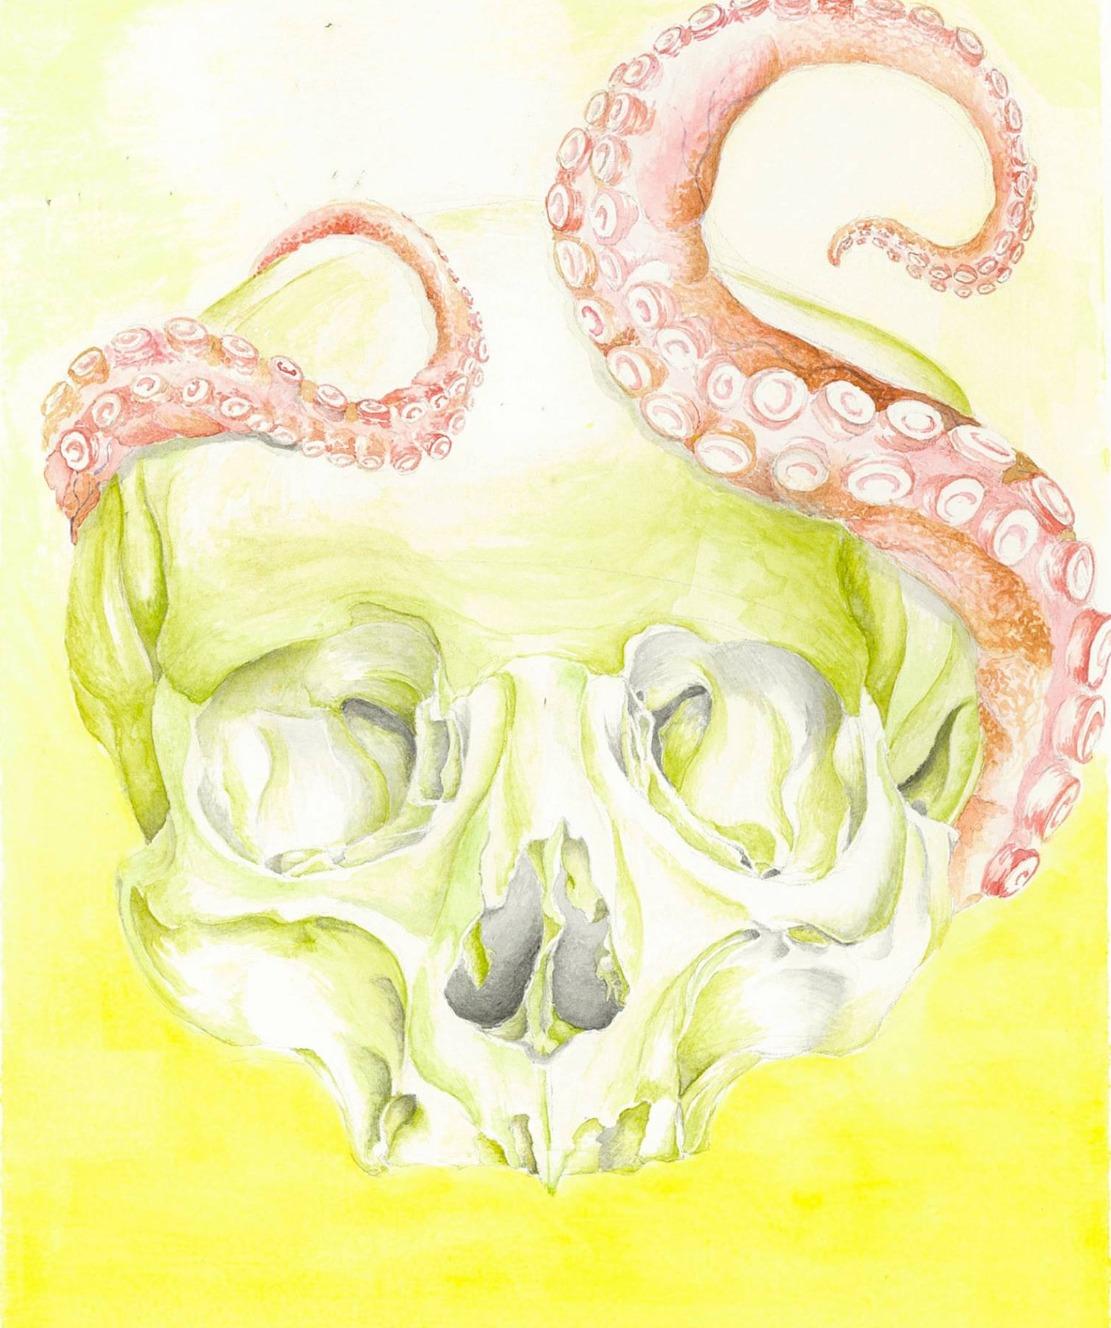 Skoctopus